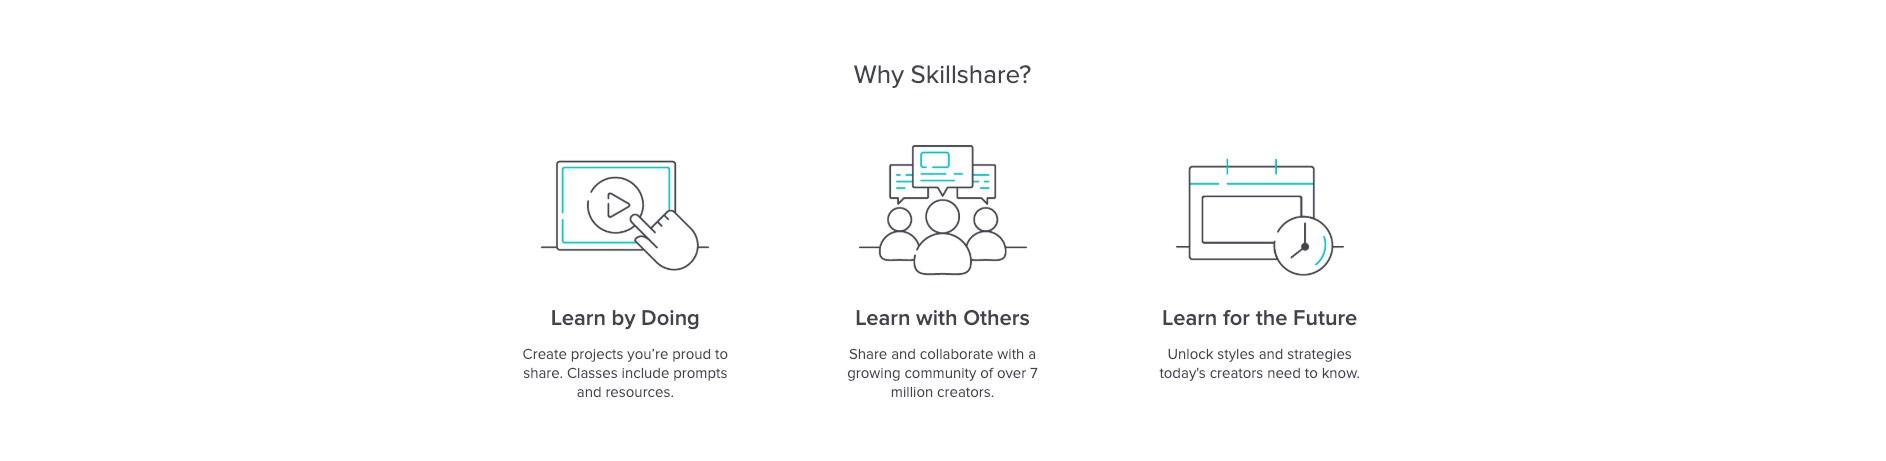 Why Skillshare?